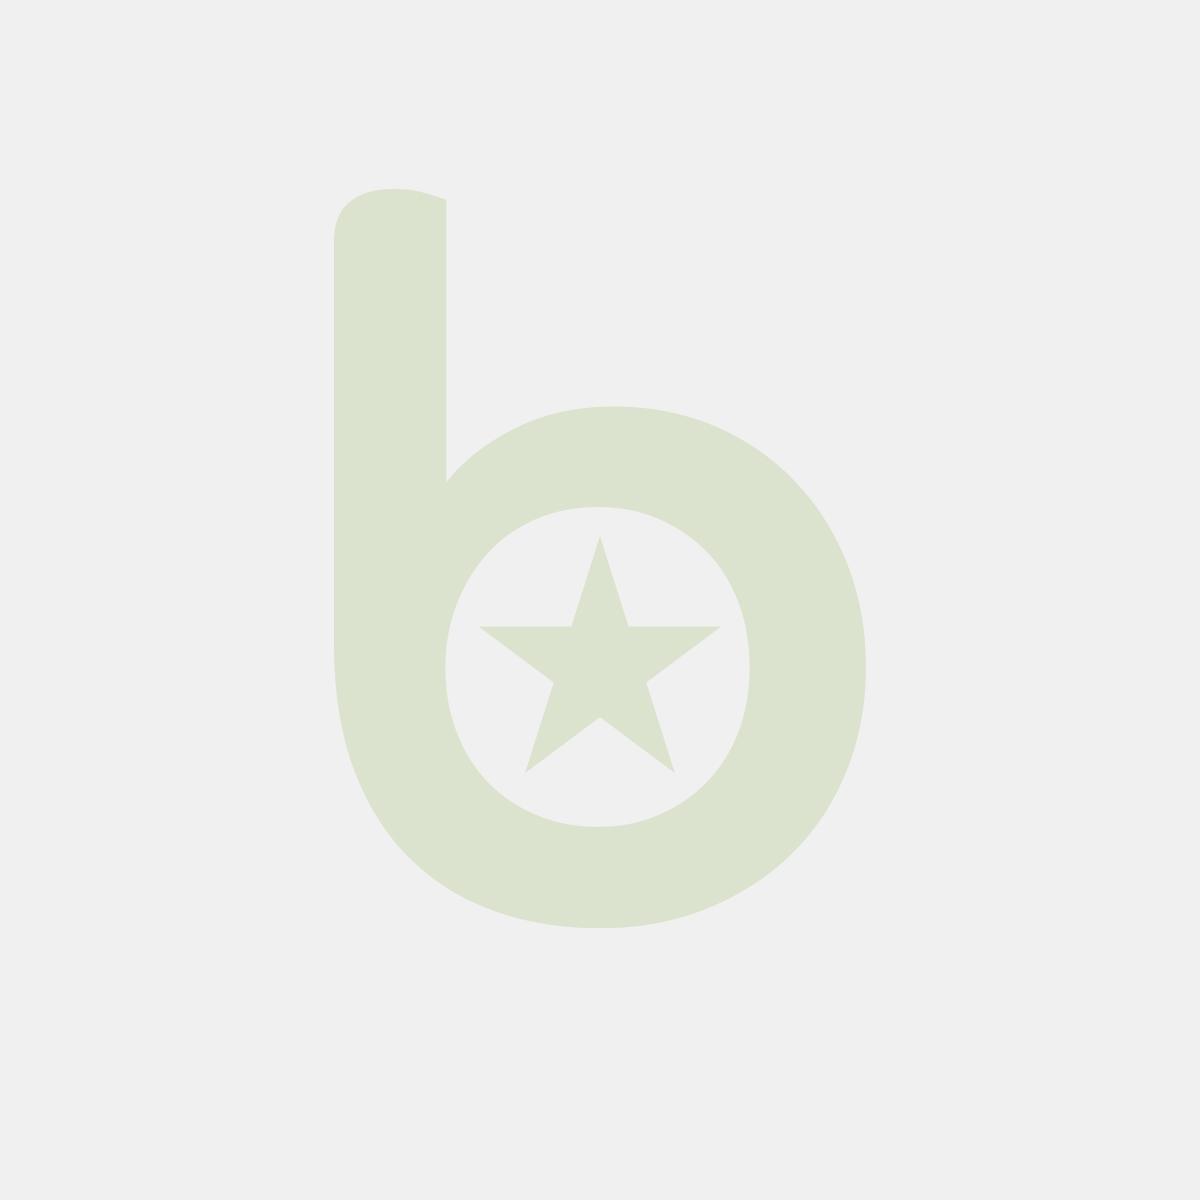 Marker permanentny SCHNEIDER Maxx 130, okrągły, 1-3mm, zielony